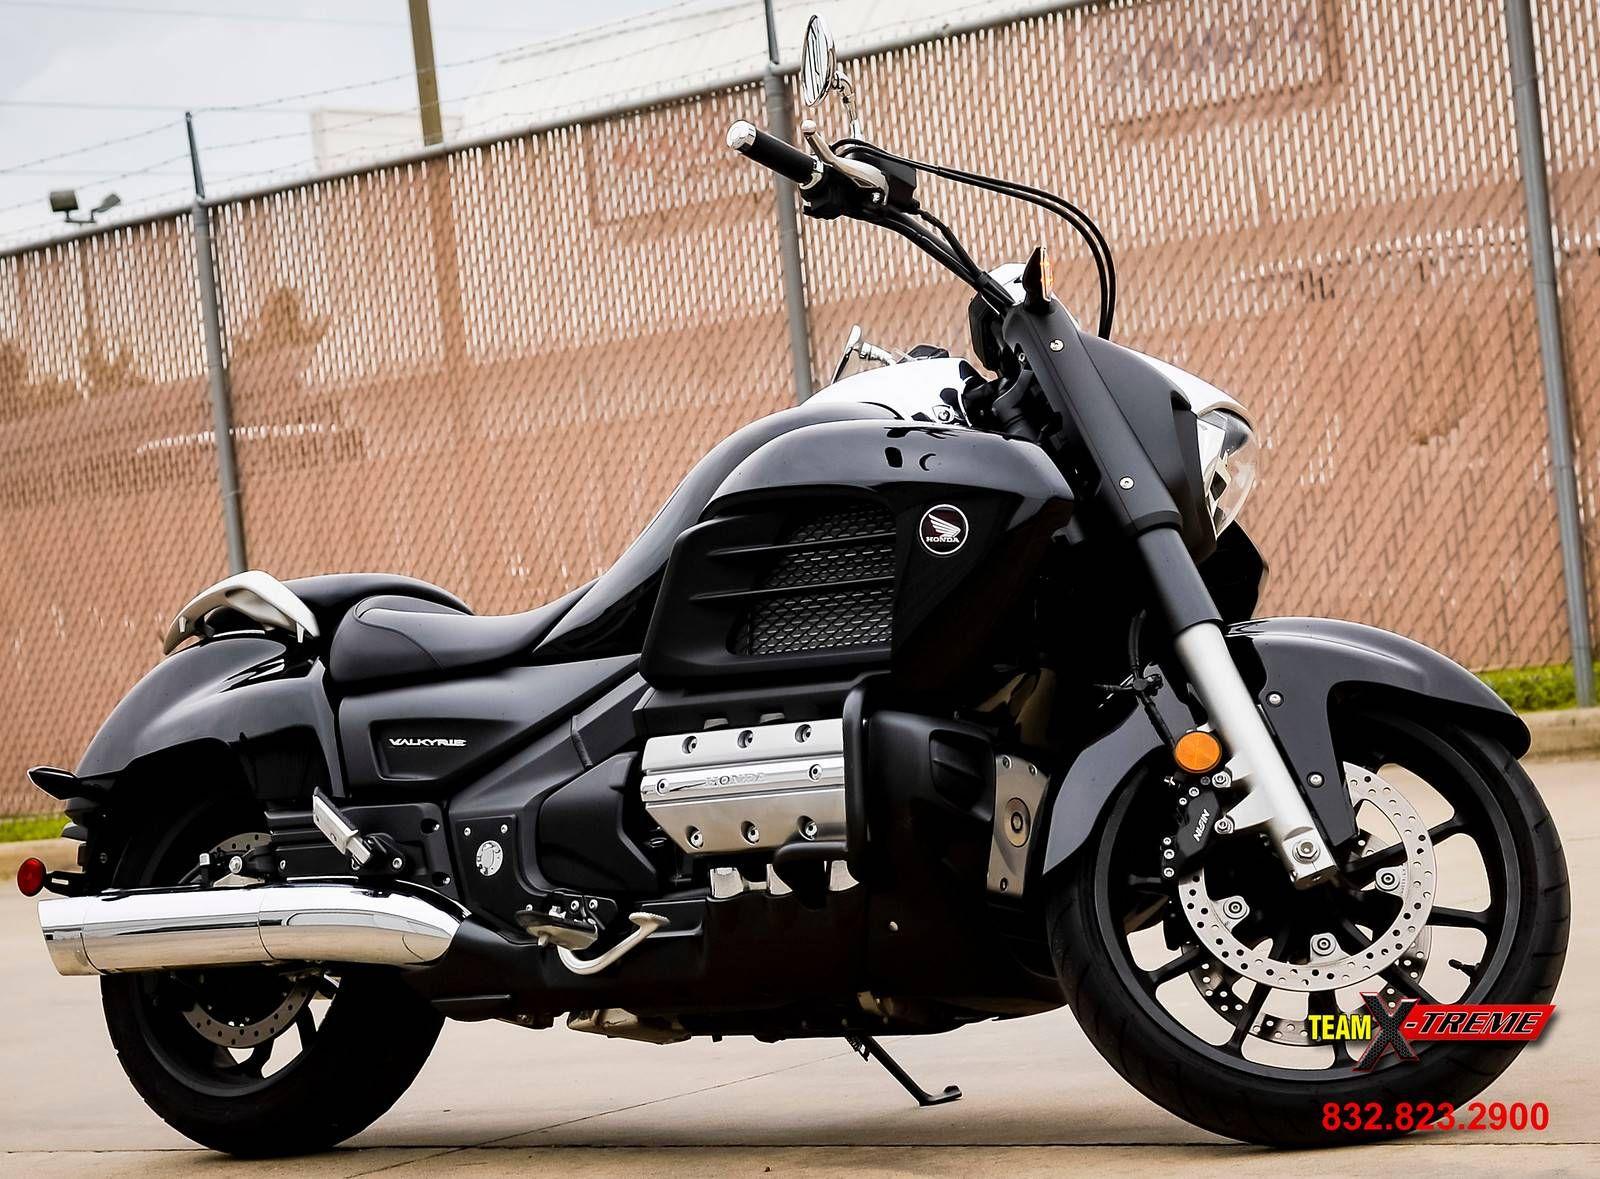 2014 Honda Goldwing Valkyrie Motorcycles Houston Tx At